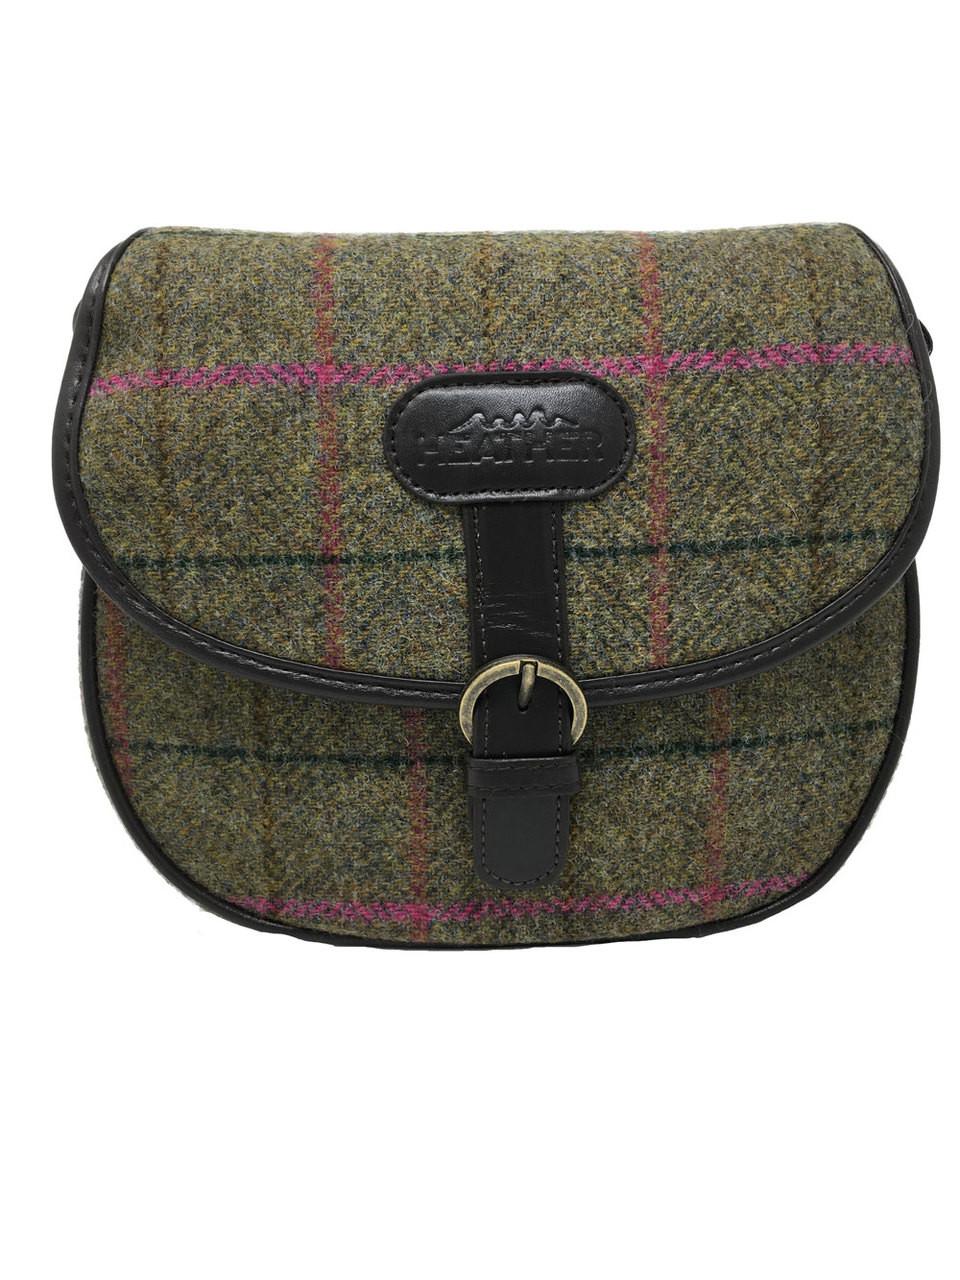 Leather Saddle Bag with Brown Herringbone Harris Tweed